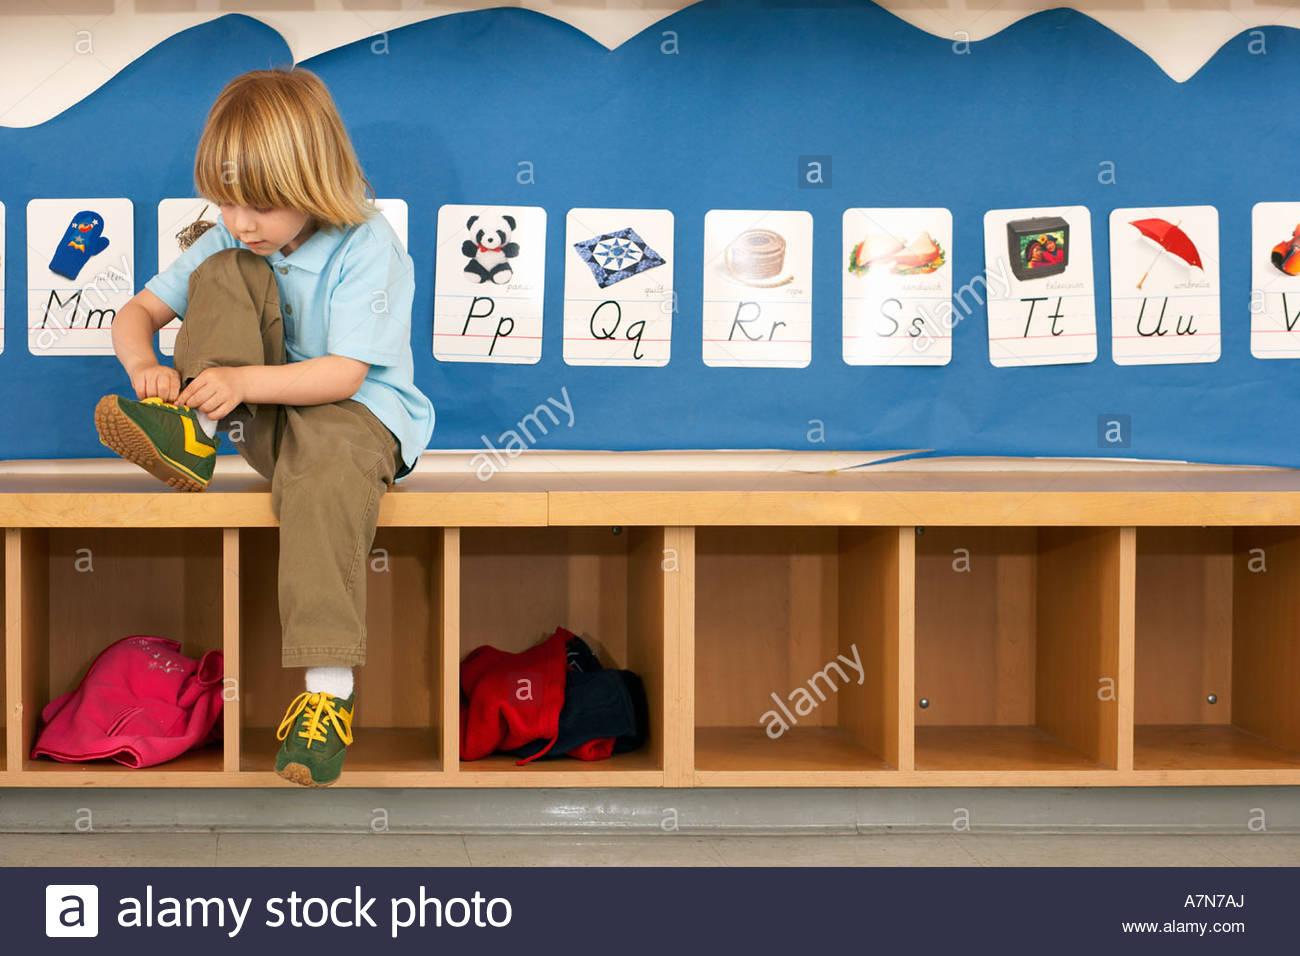 Garçon Blond 46 assis sur un banc en lacet de liage en classe les cartes de l'alphabet sur le mur Photo Stock